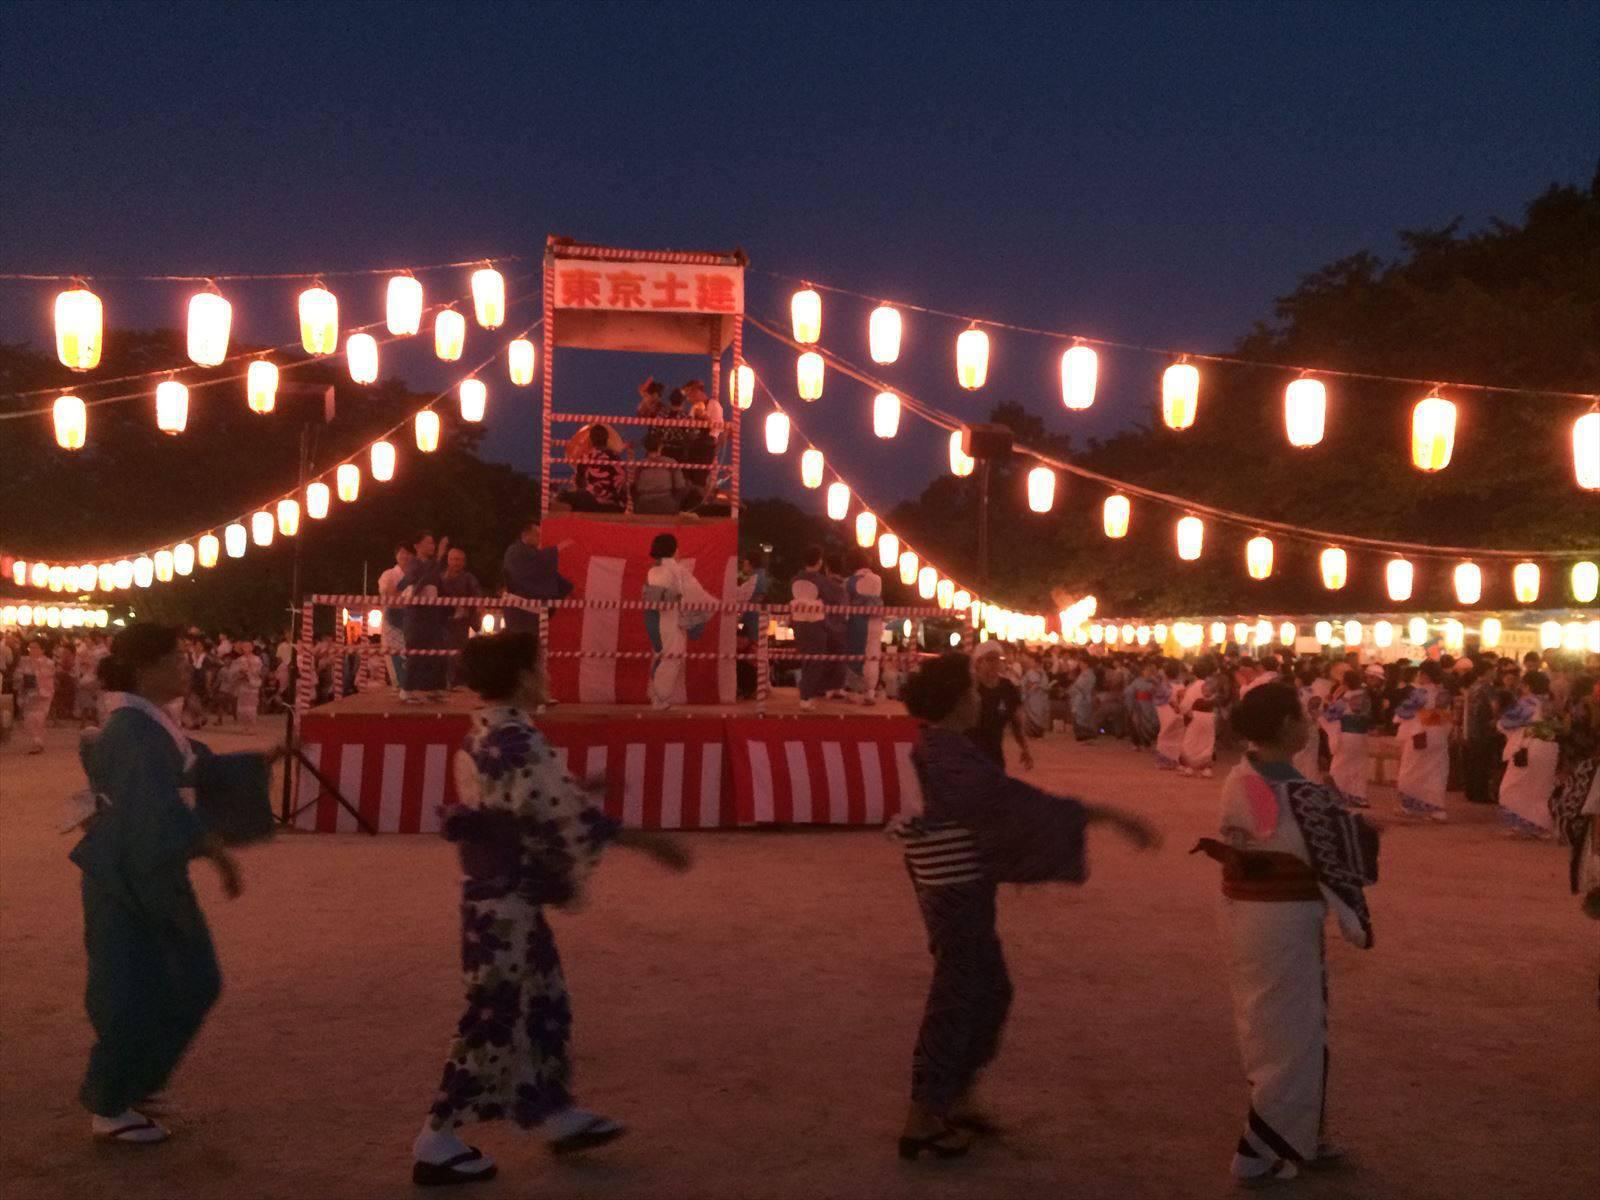 東京土建祭り 盆踊りの様子